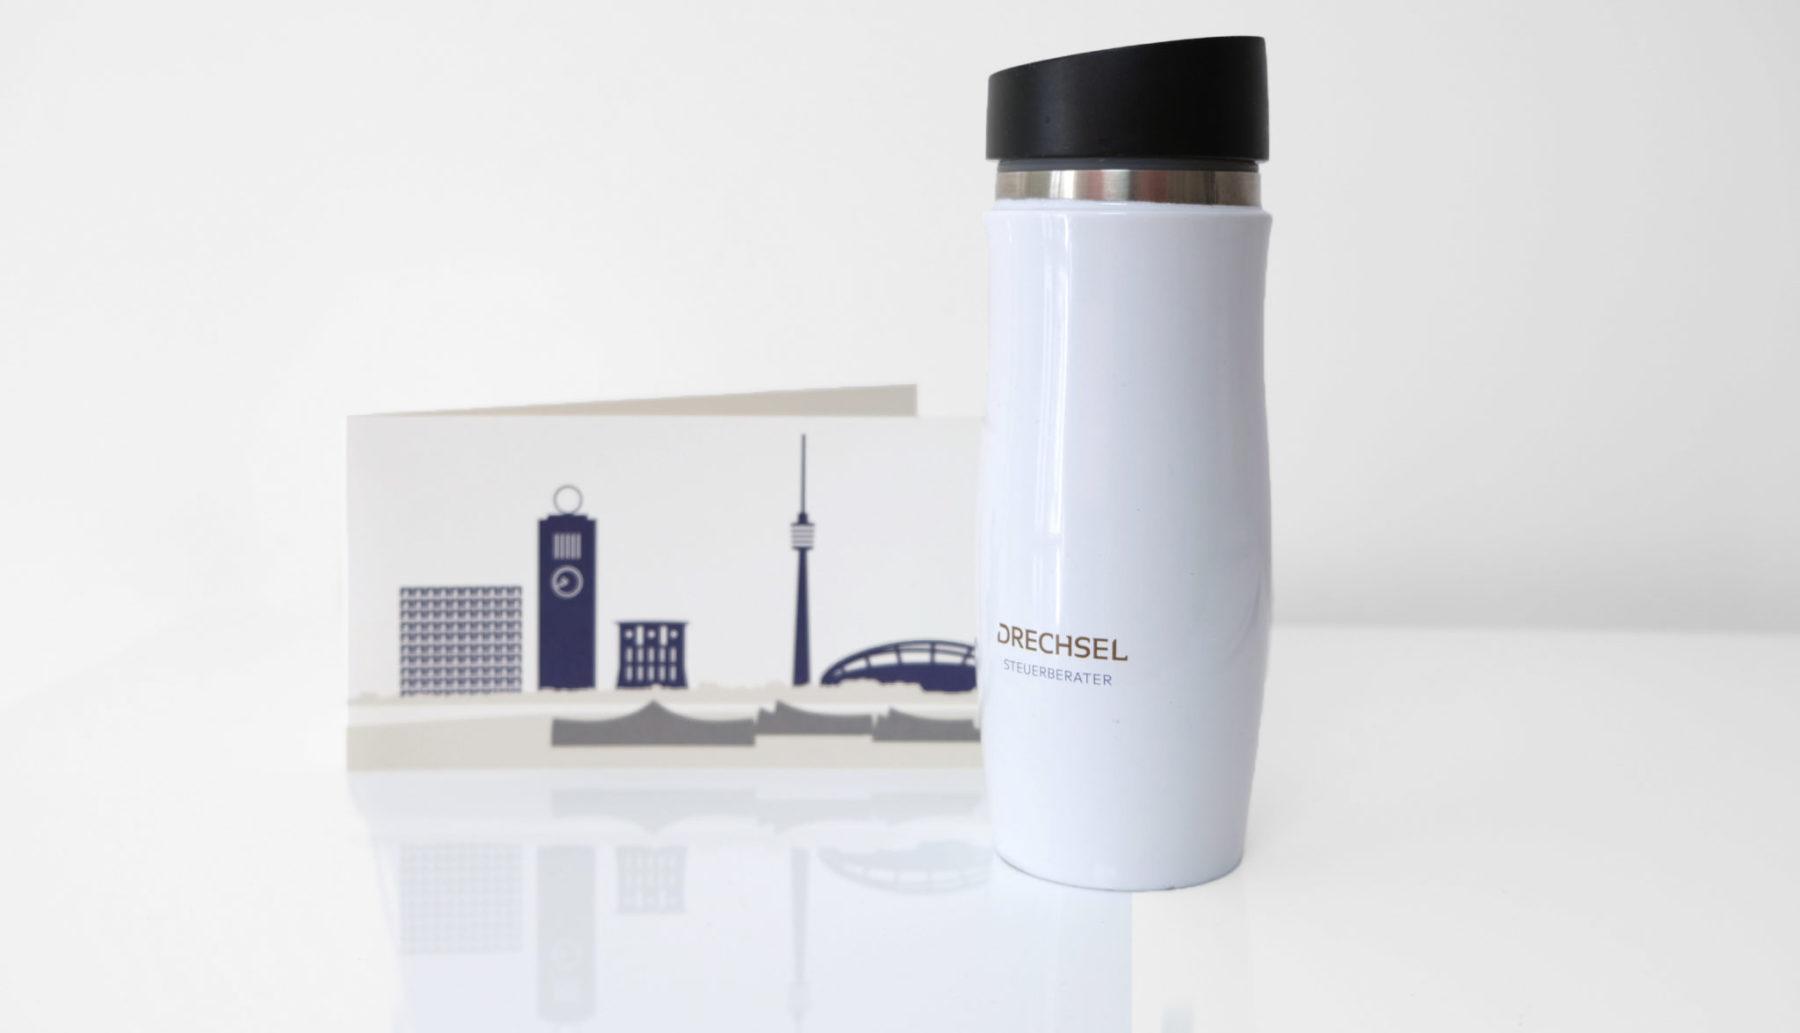 Steuerberater Drechsel, Branding Merchandise